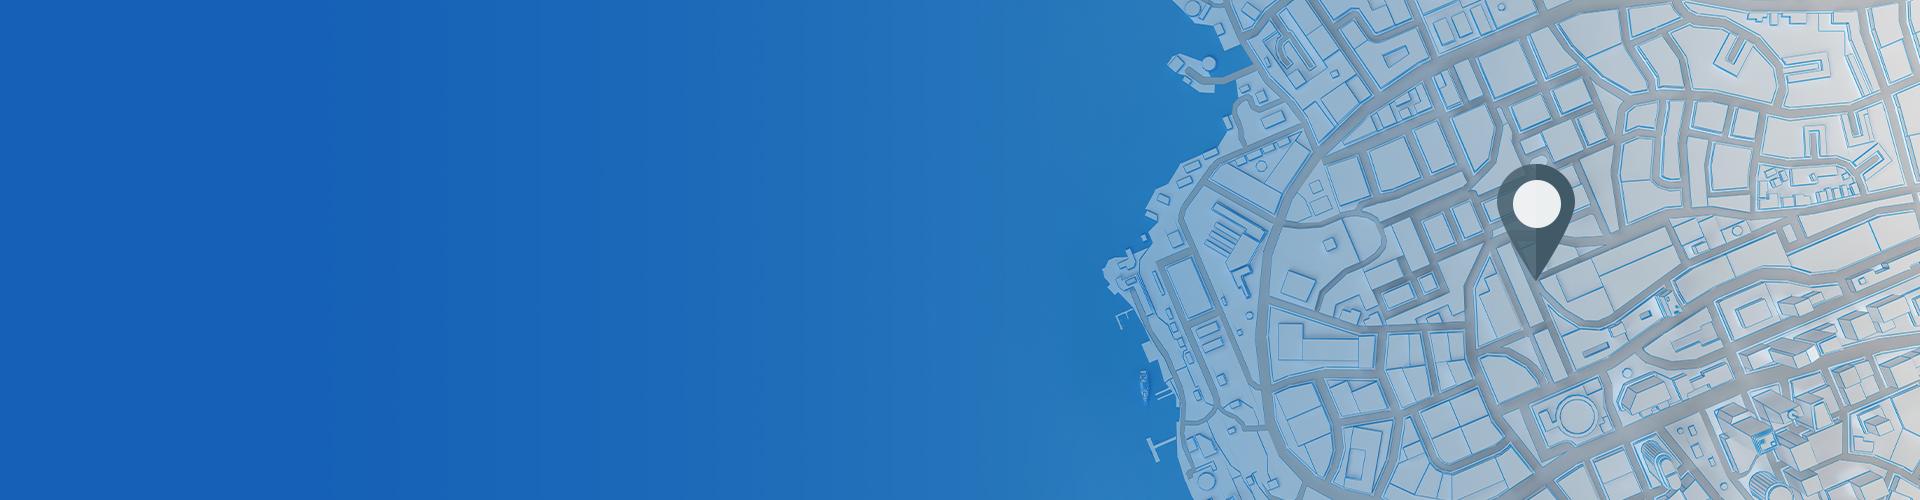 Location_Finder